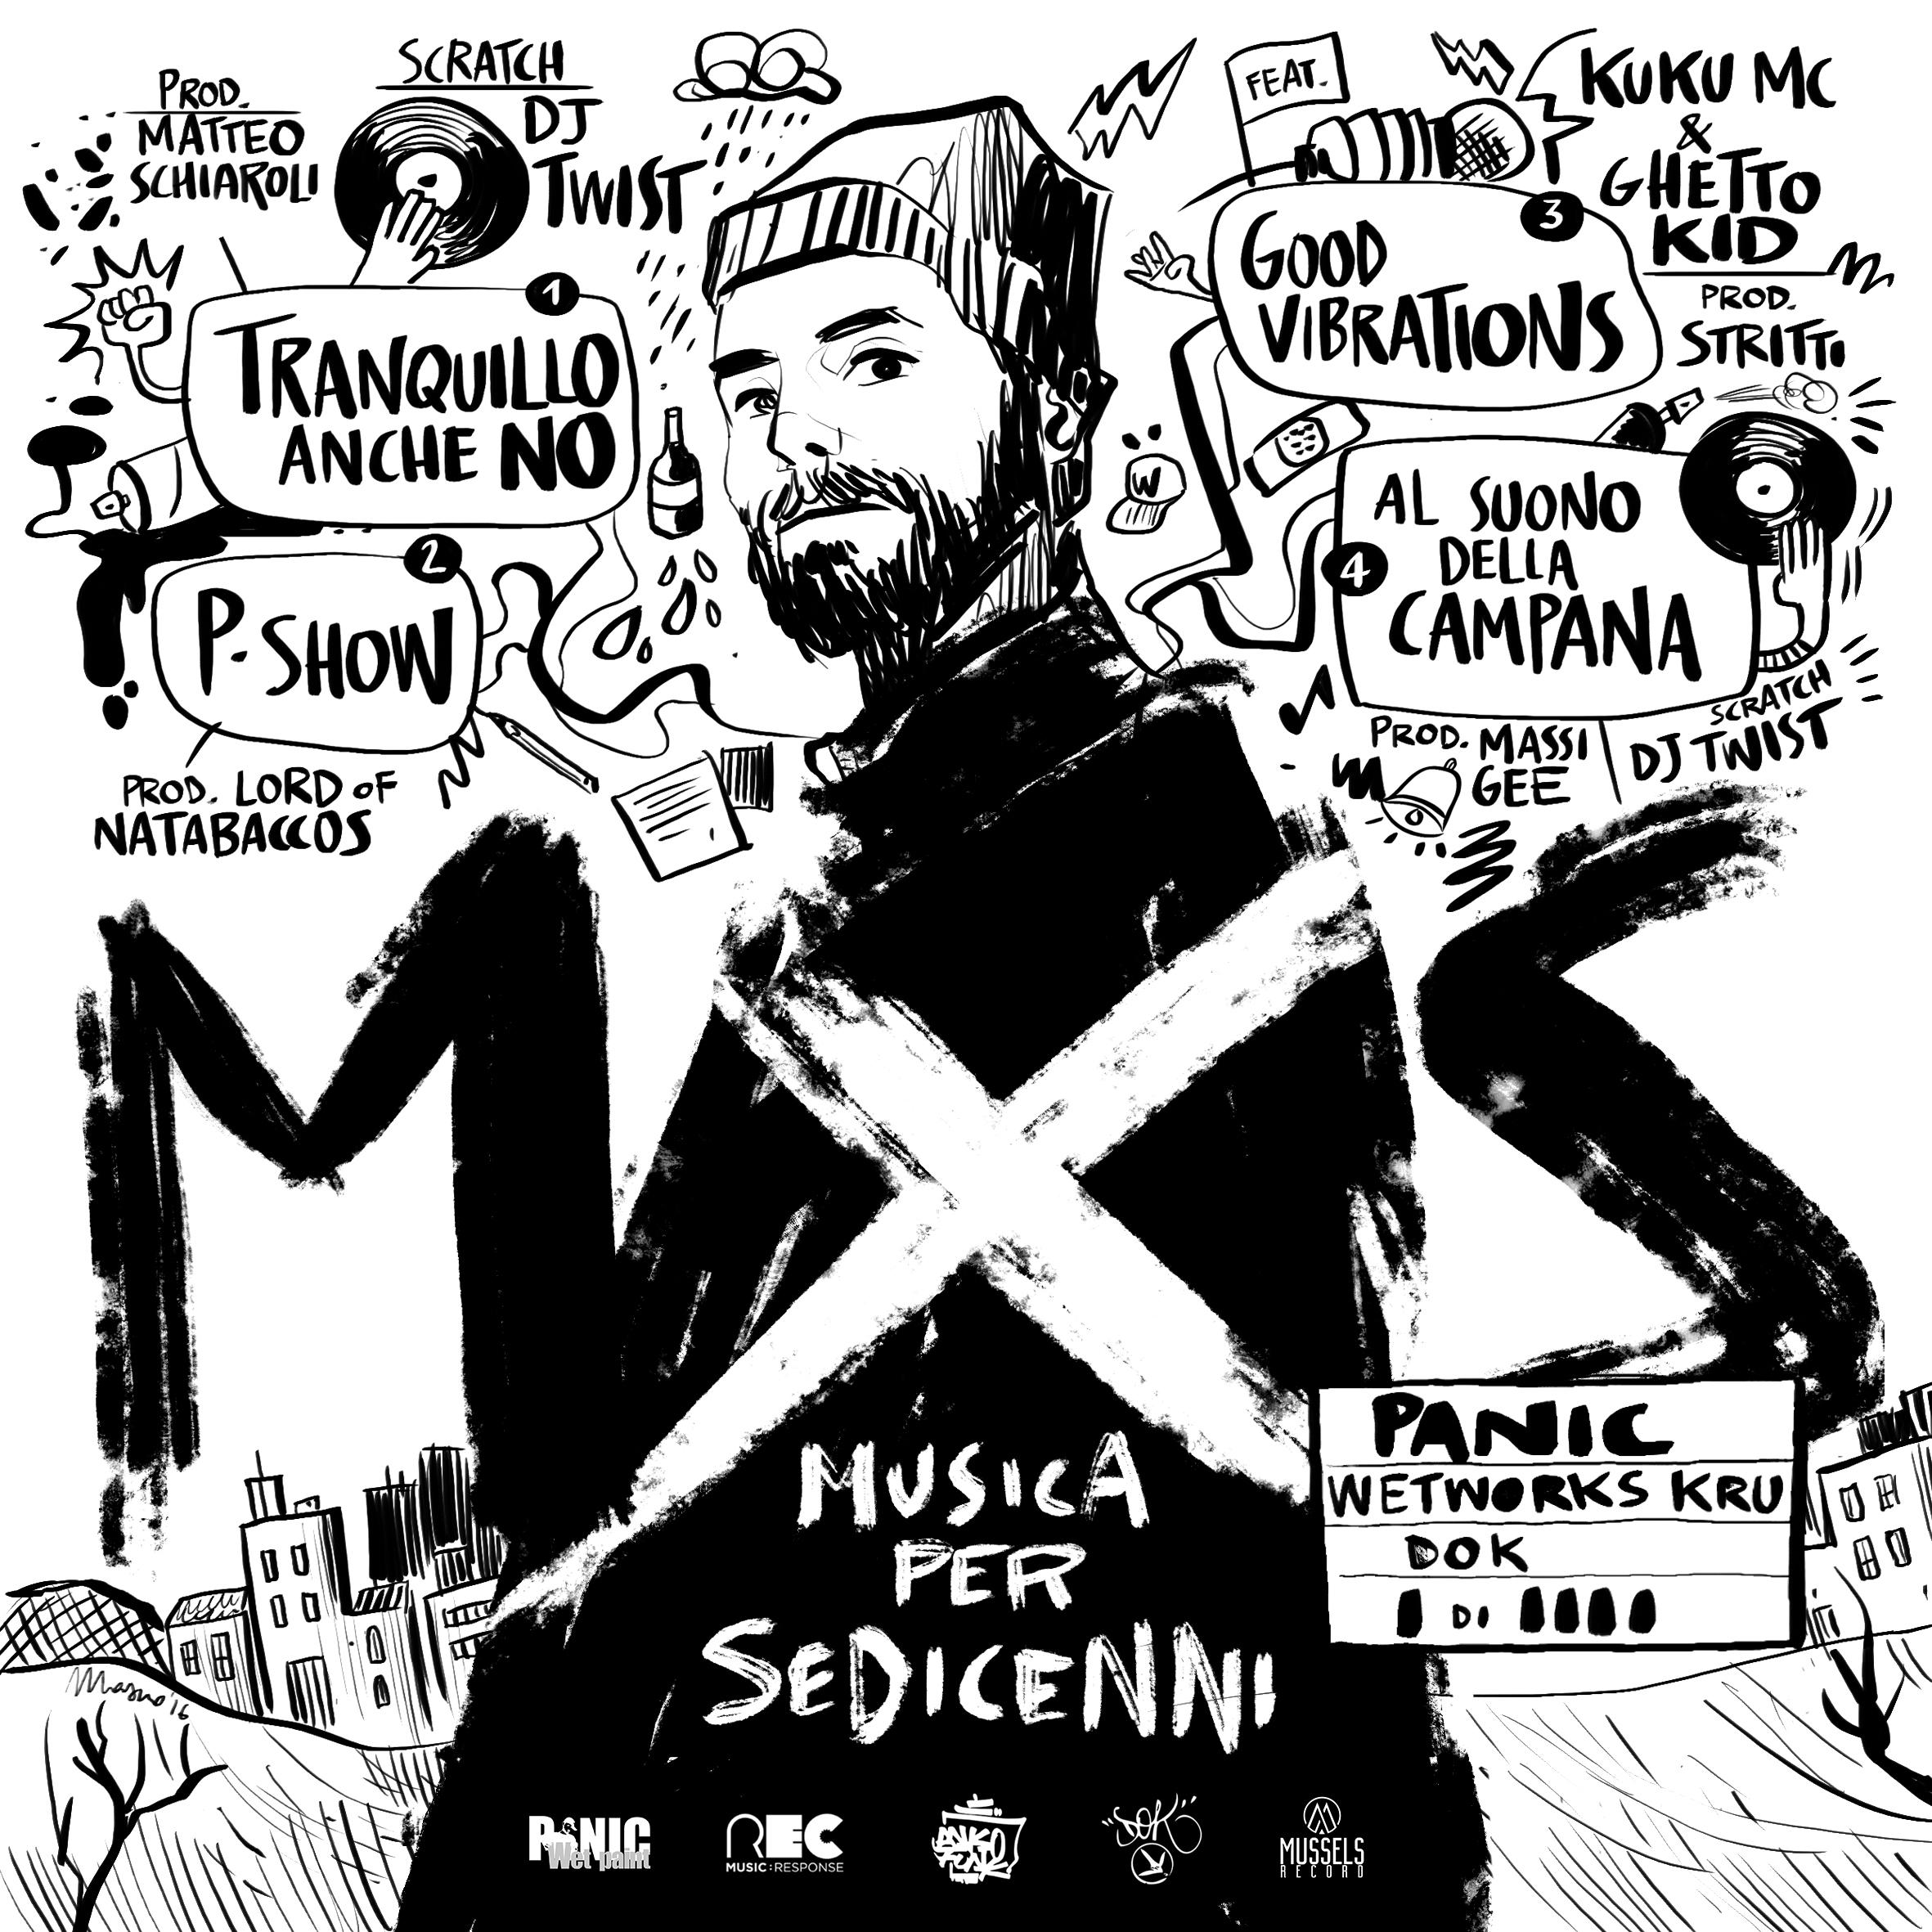 MXS – Musica per sedicenni – Panic